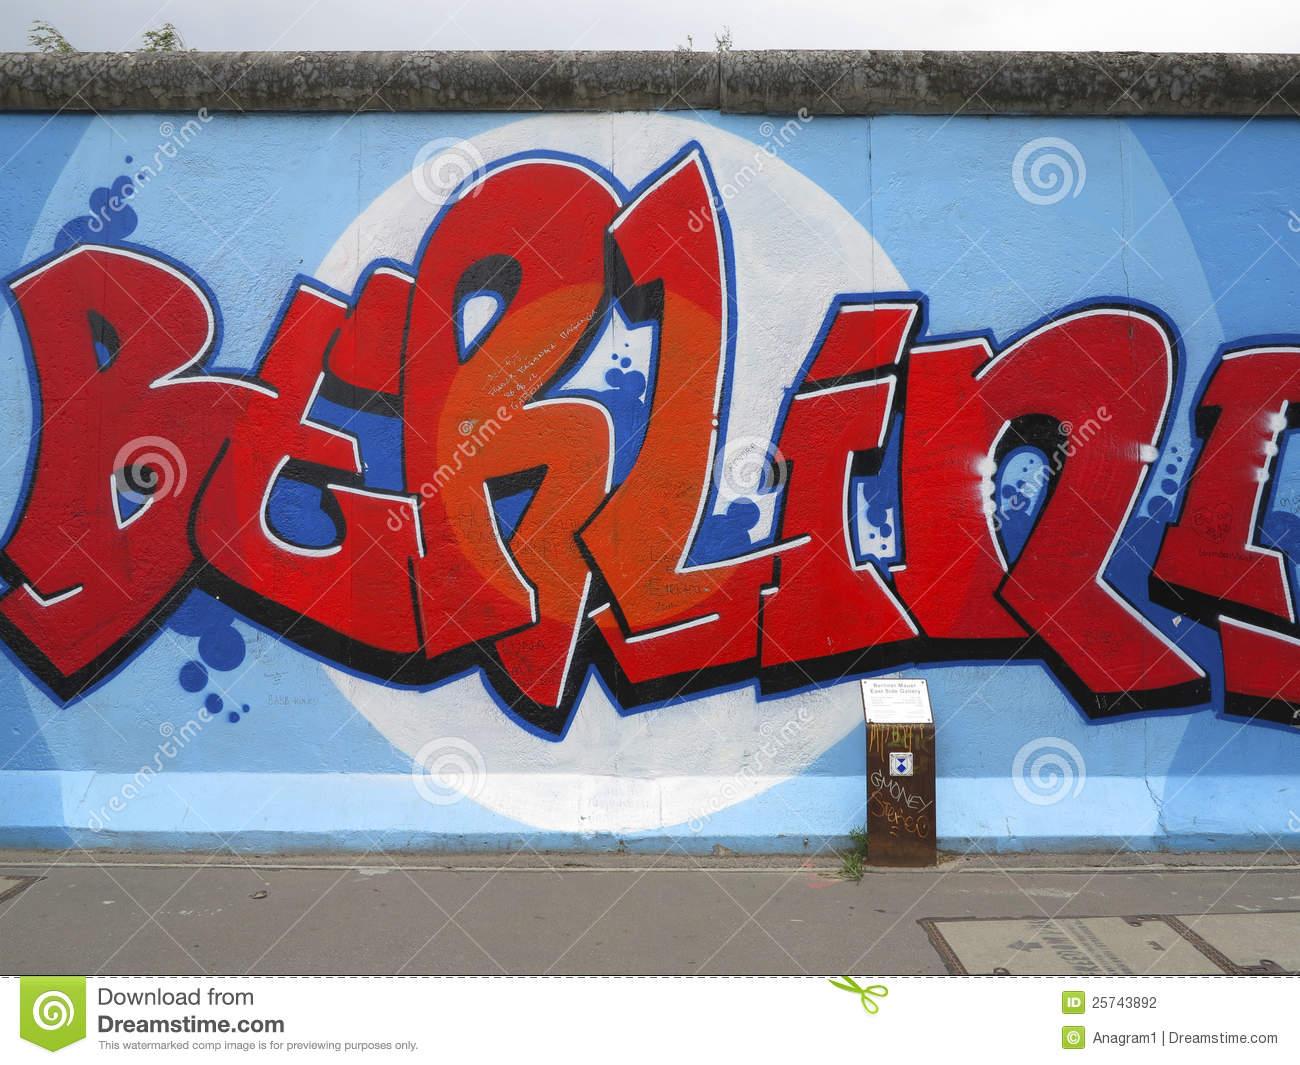 East side gallery berlin clipart #14